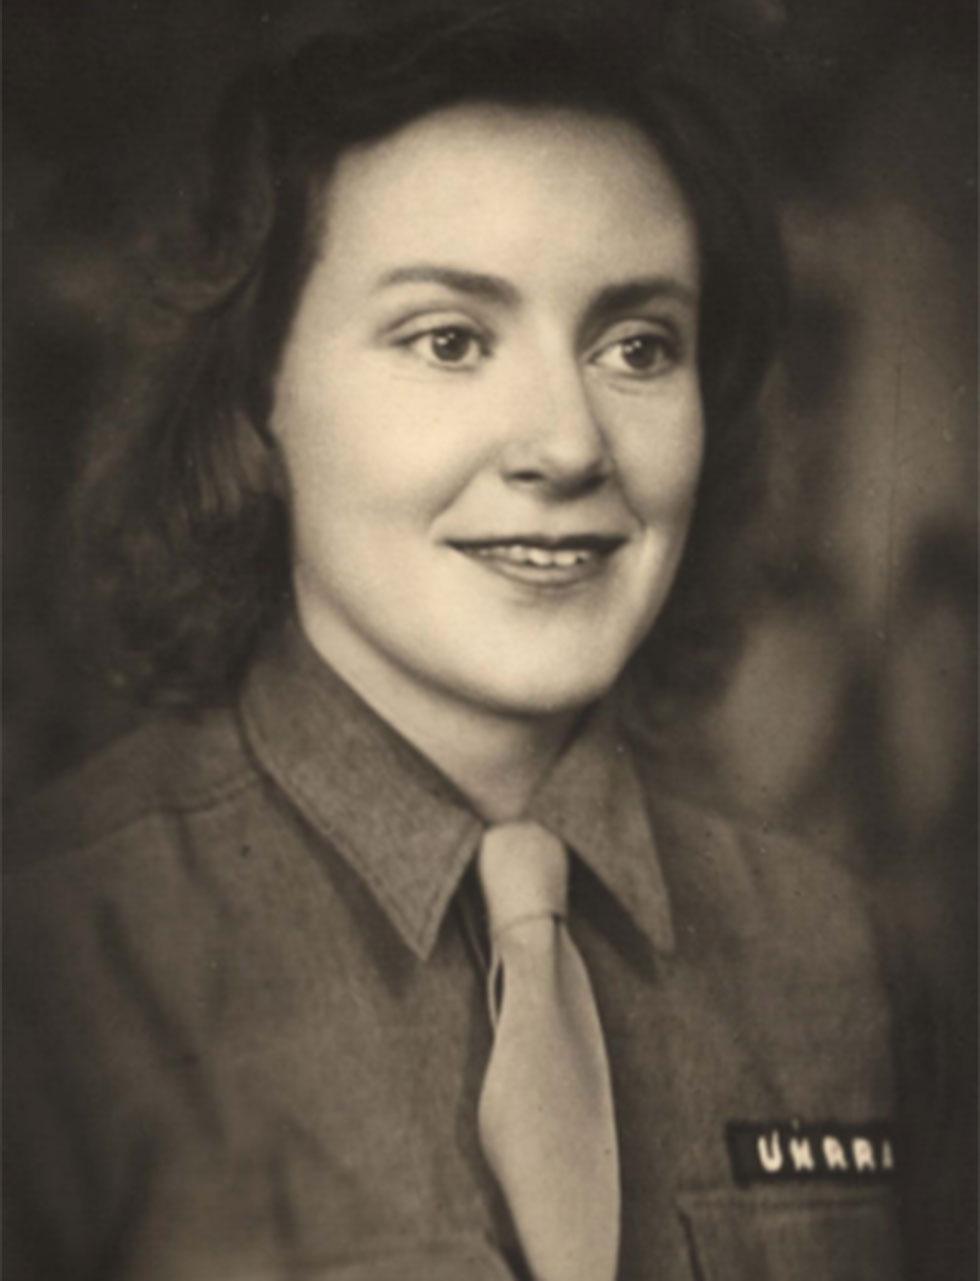 פריצ'רד בתקופת מלחמת העולם השנייה (צילום: באדיבות יד ושם)